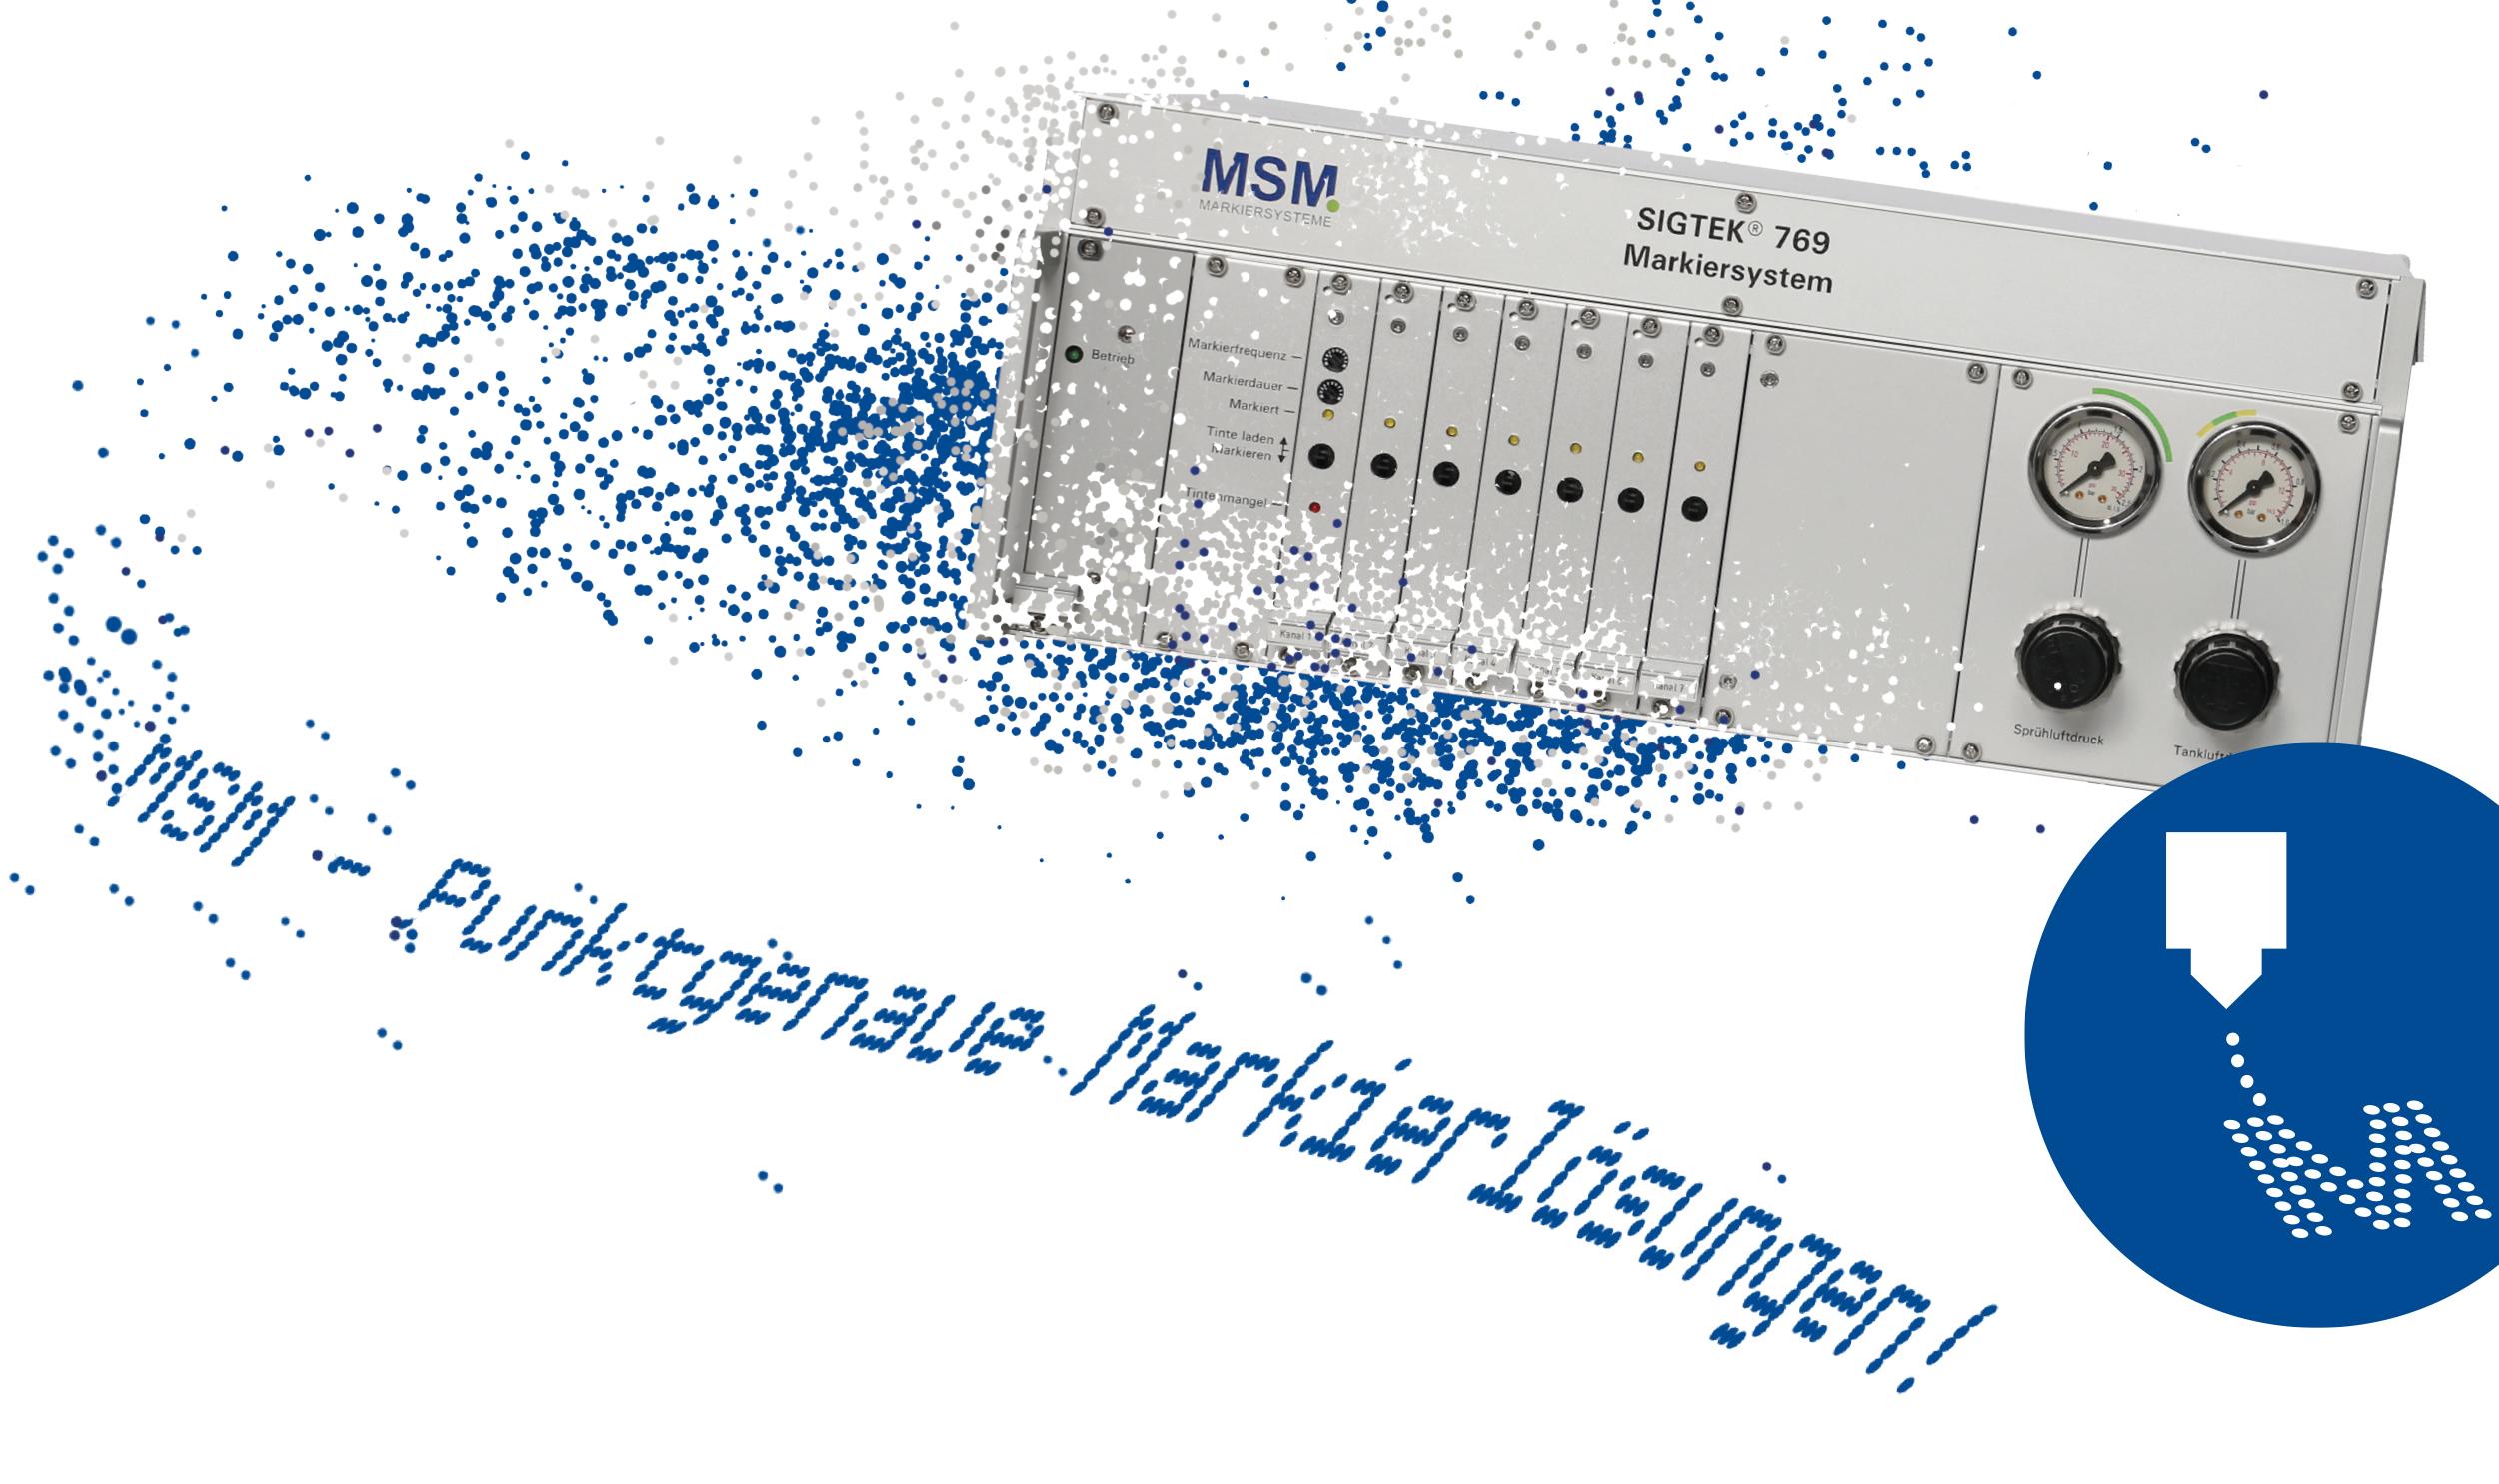 MSM_03